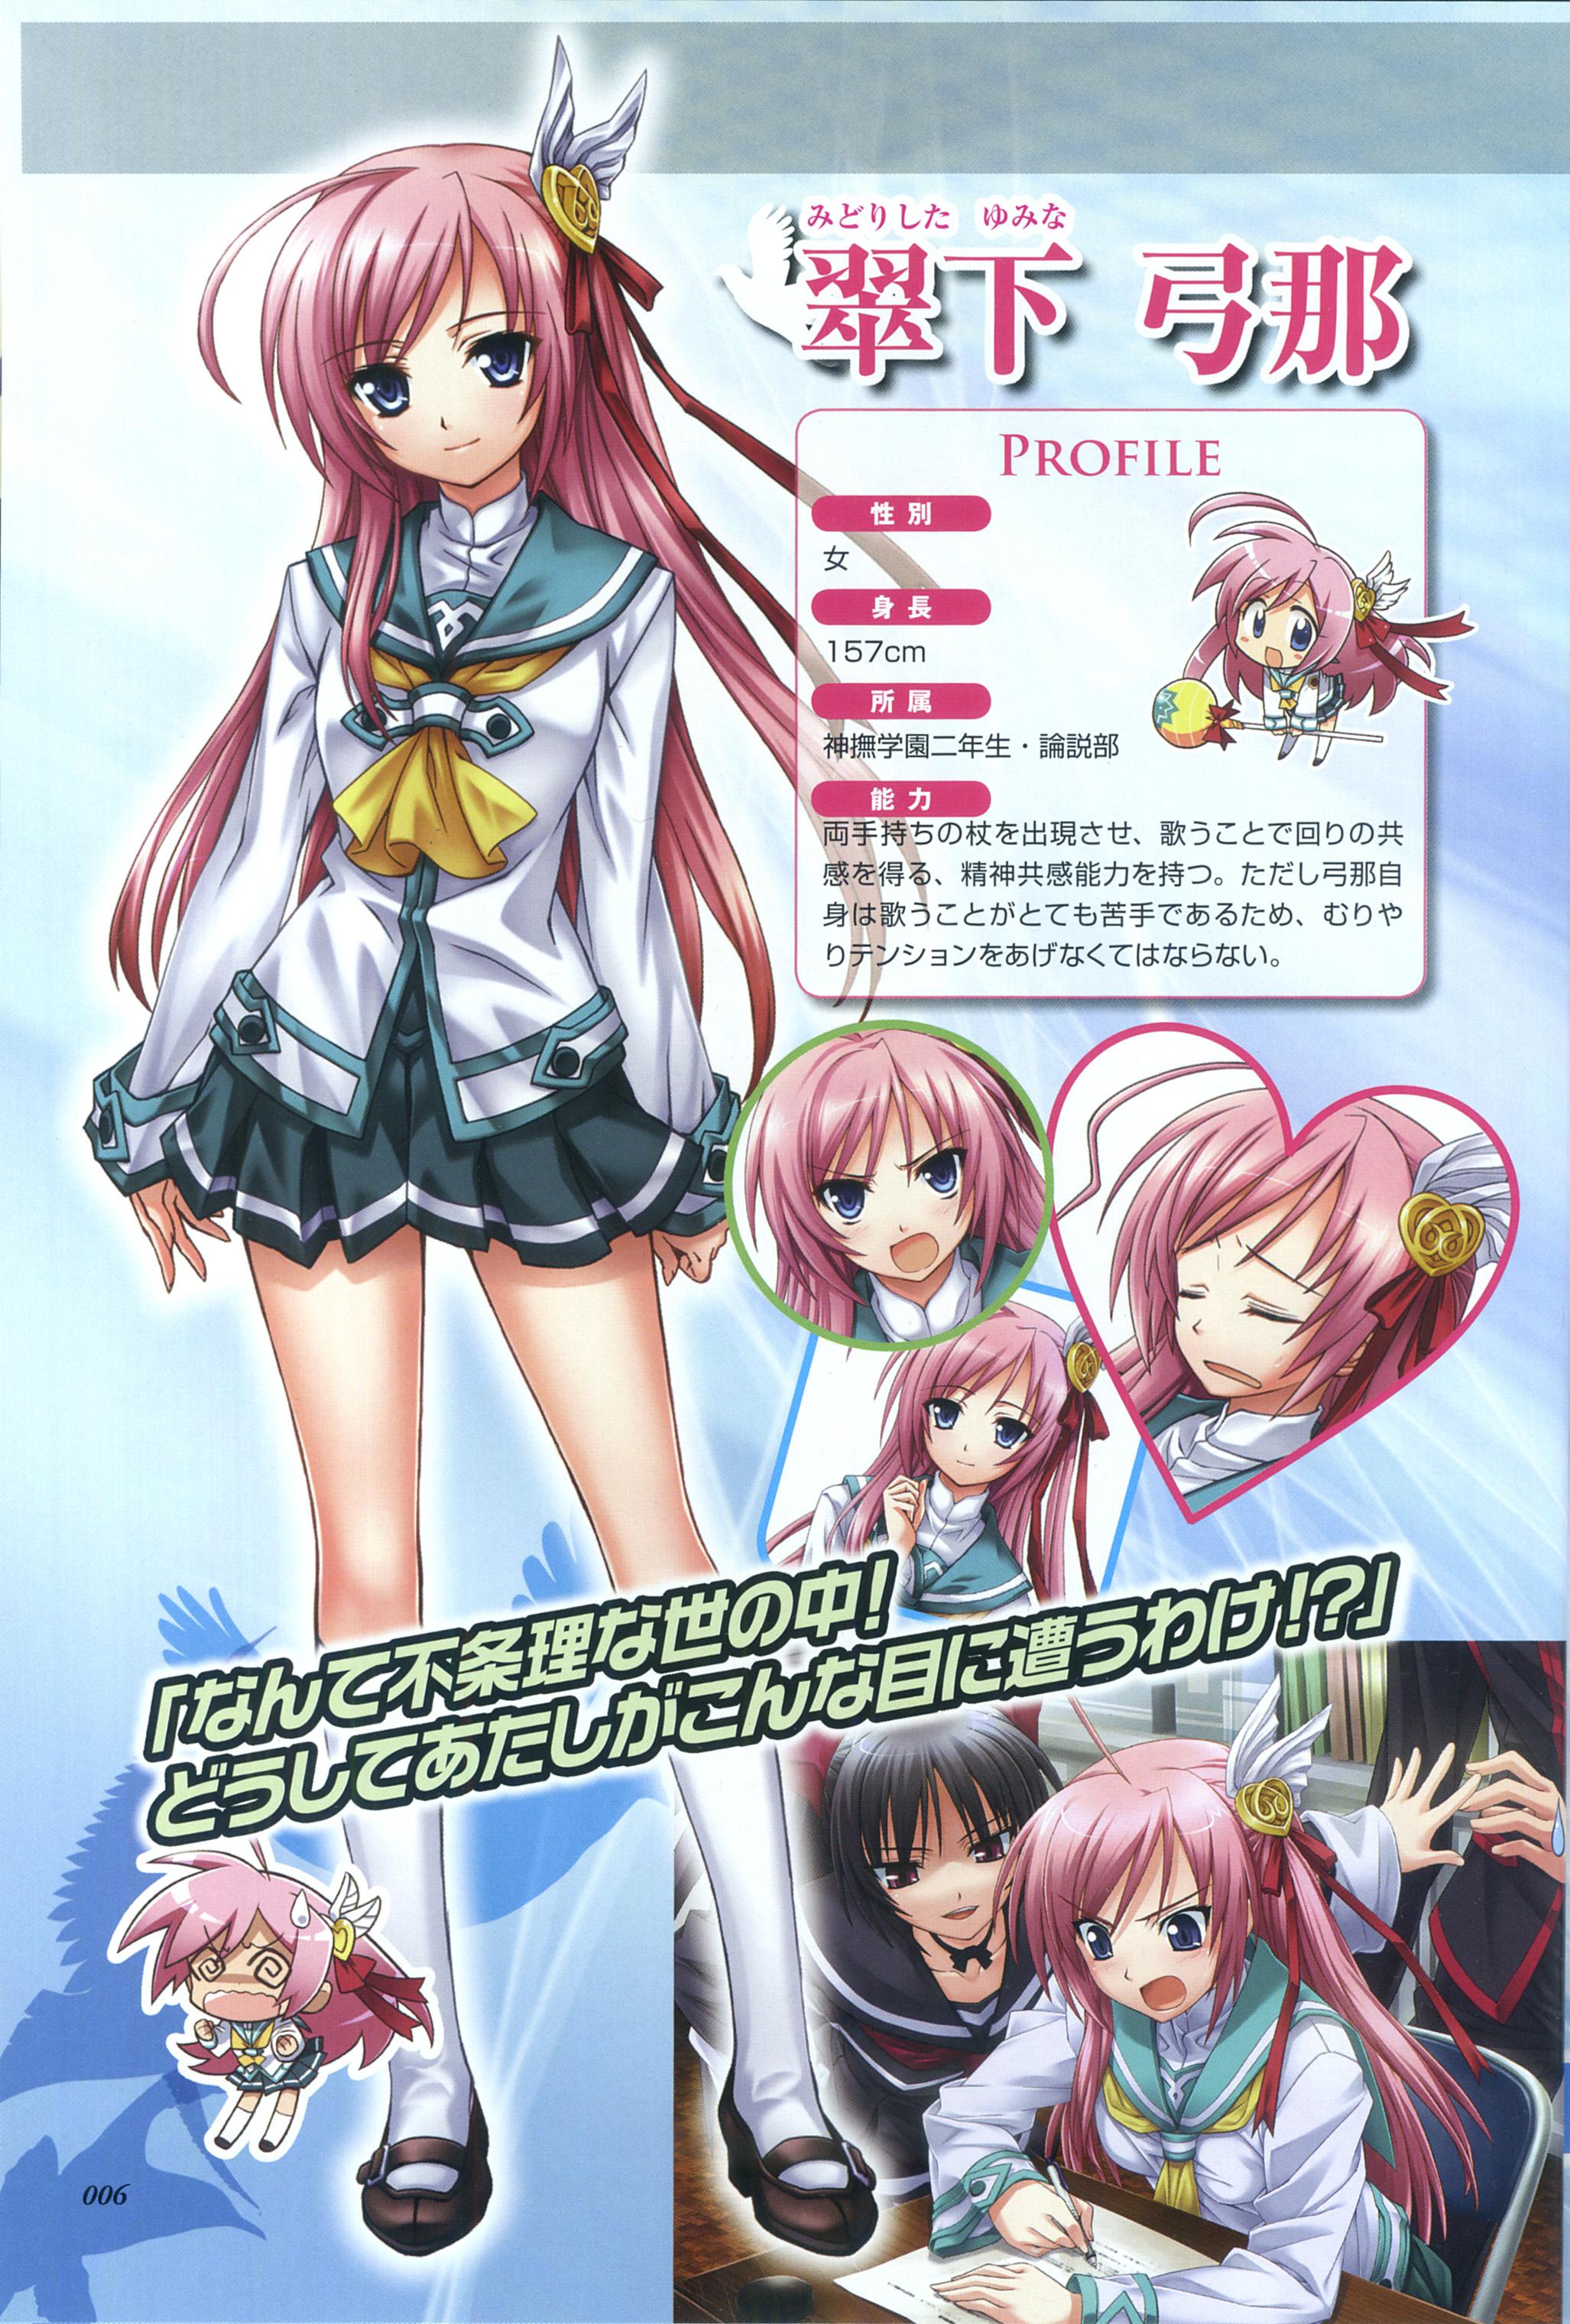 Kikouyoku Senki: Yumina the Ethereal · download Kikouyoku Senki: Yumina the  Ethereal image